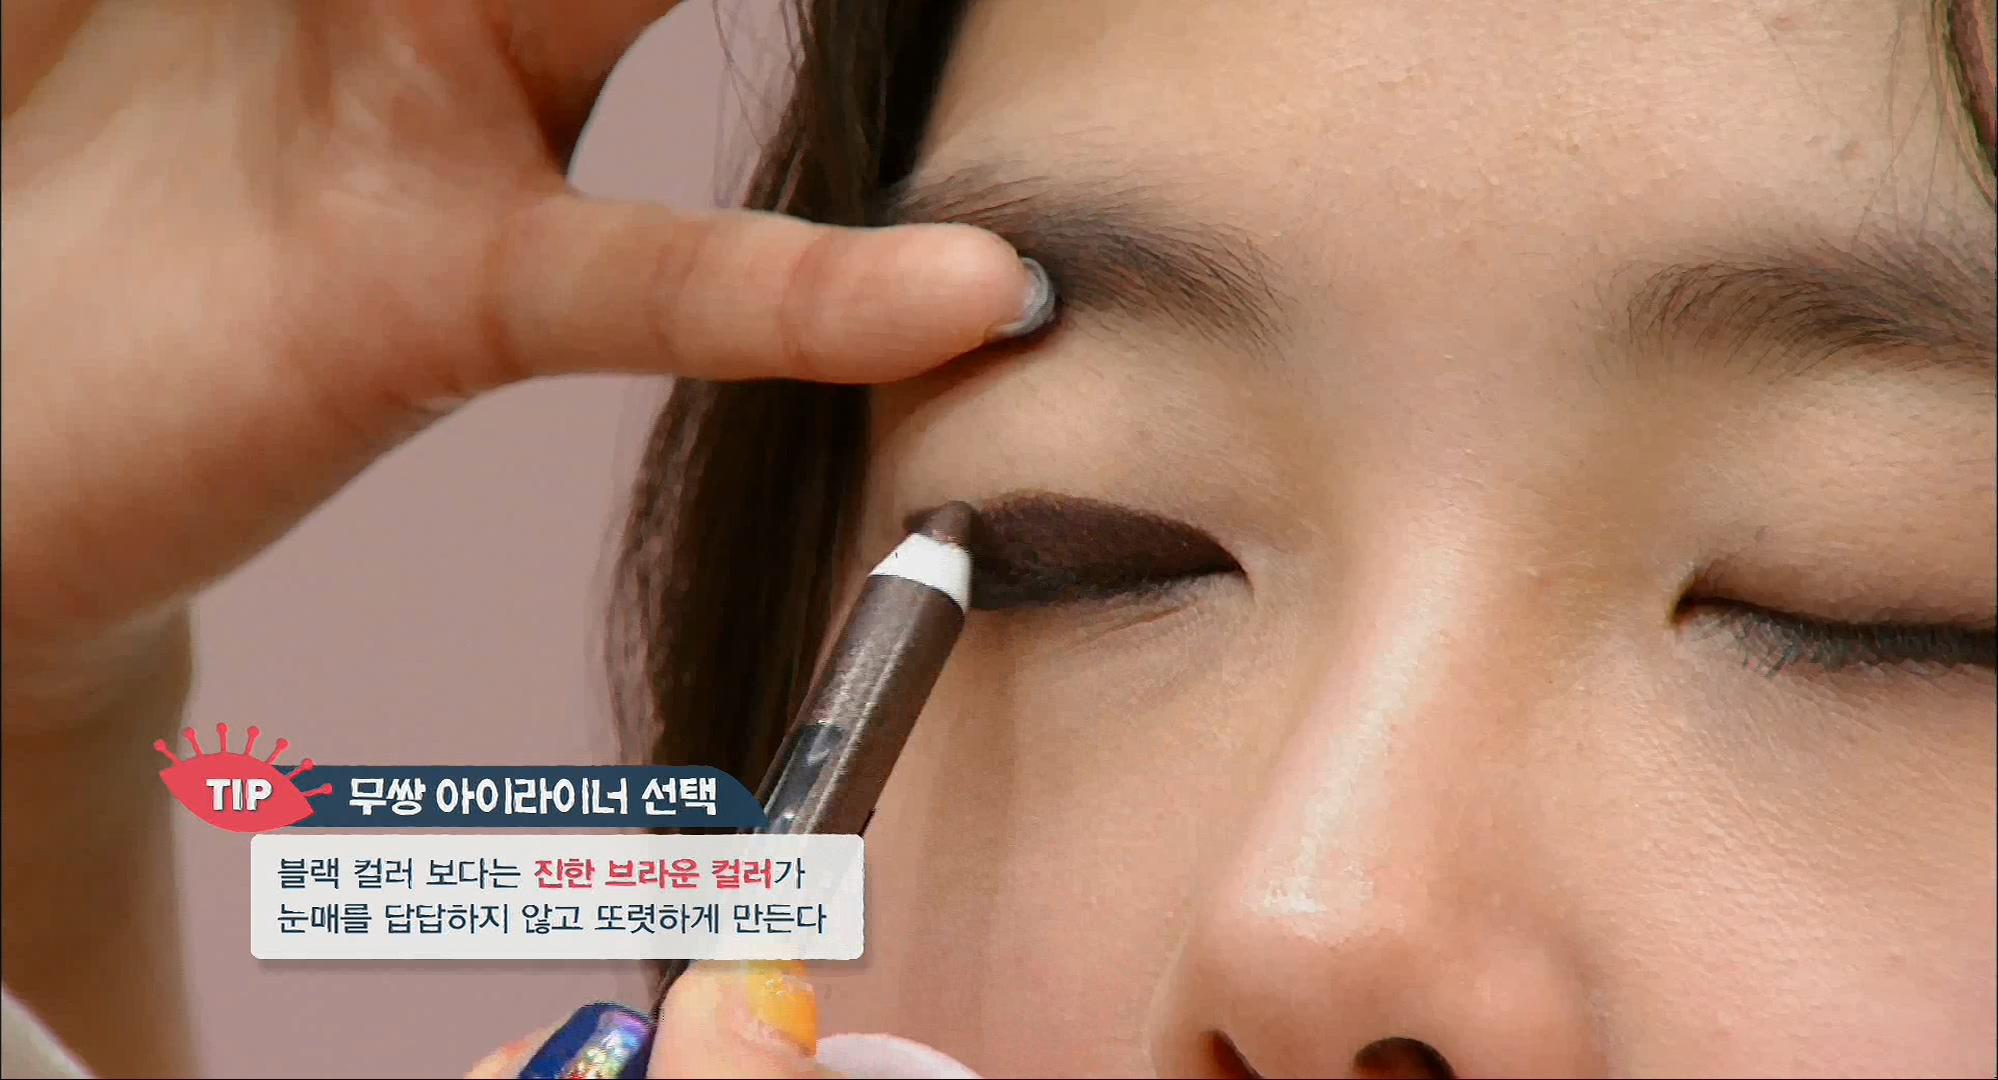 100% 프.본 눈 보정 메이크업 블랙 컬러 보다는 진한 브라운 컬러가 눈매를 답답하지 않고 또렷하게 만들어줘요